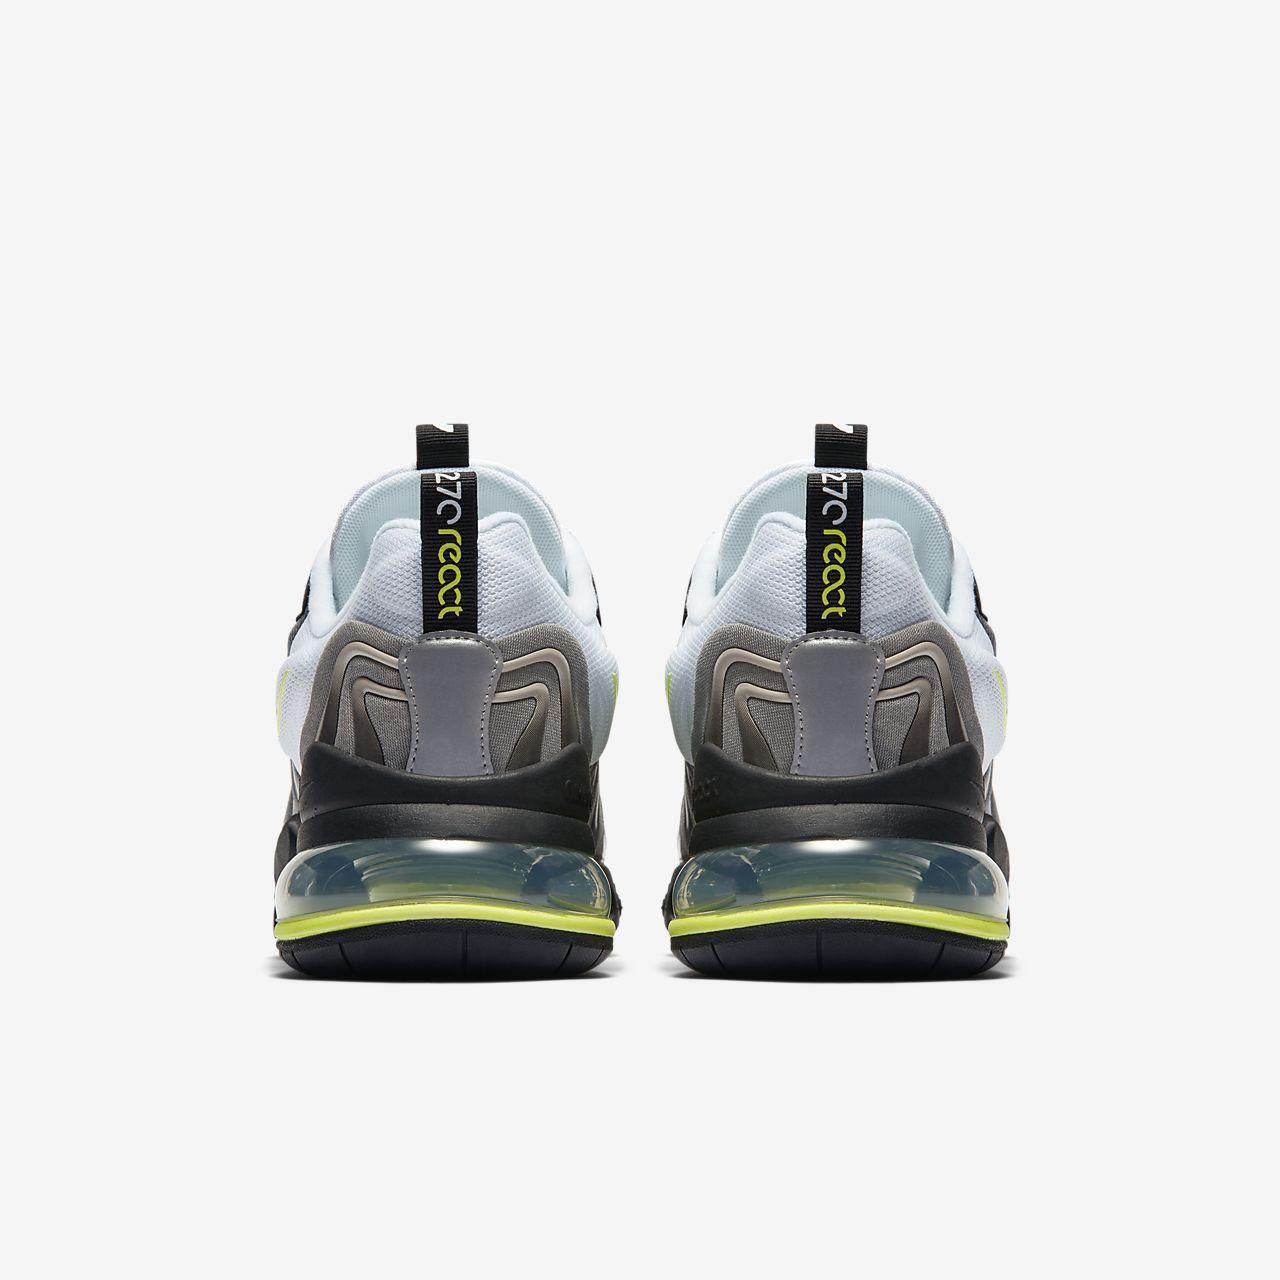 Sko Nike Air Max 270 ENG för män